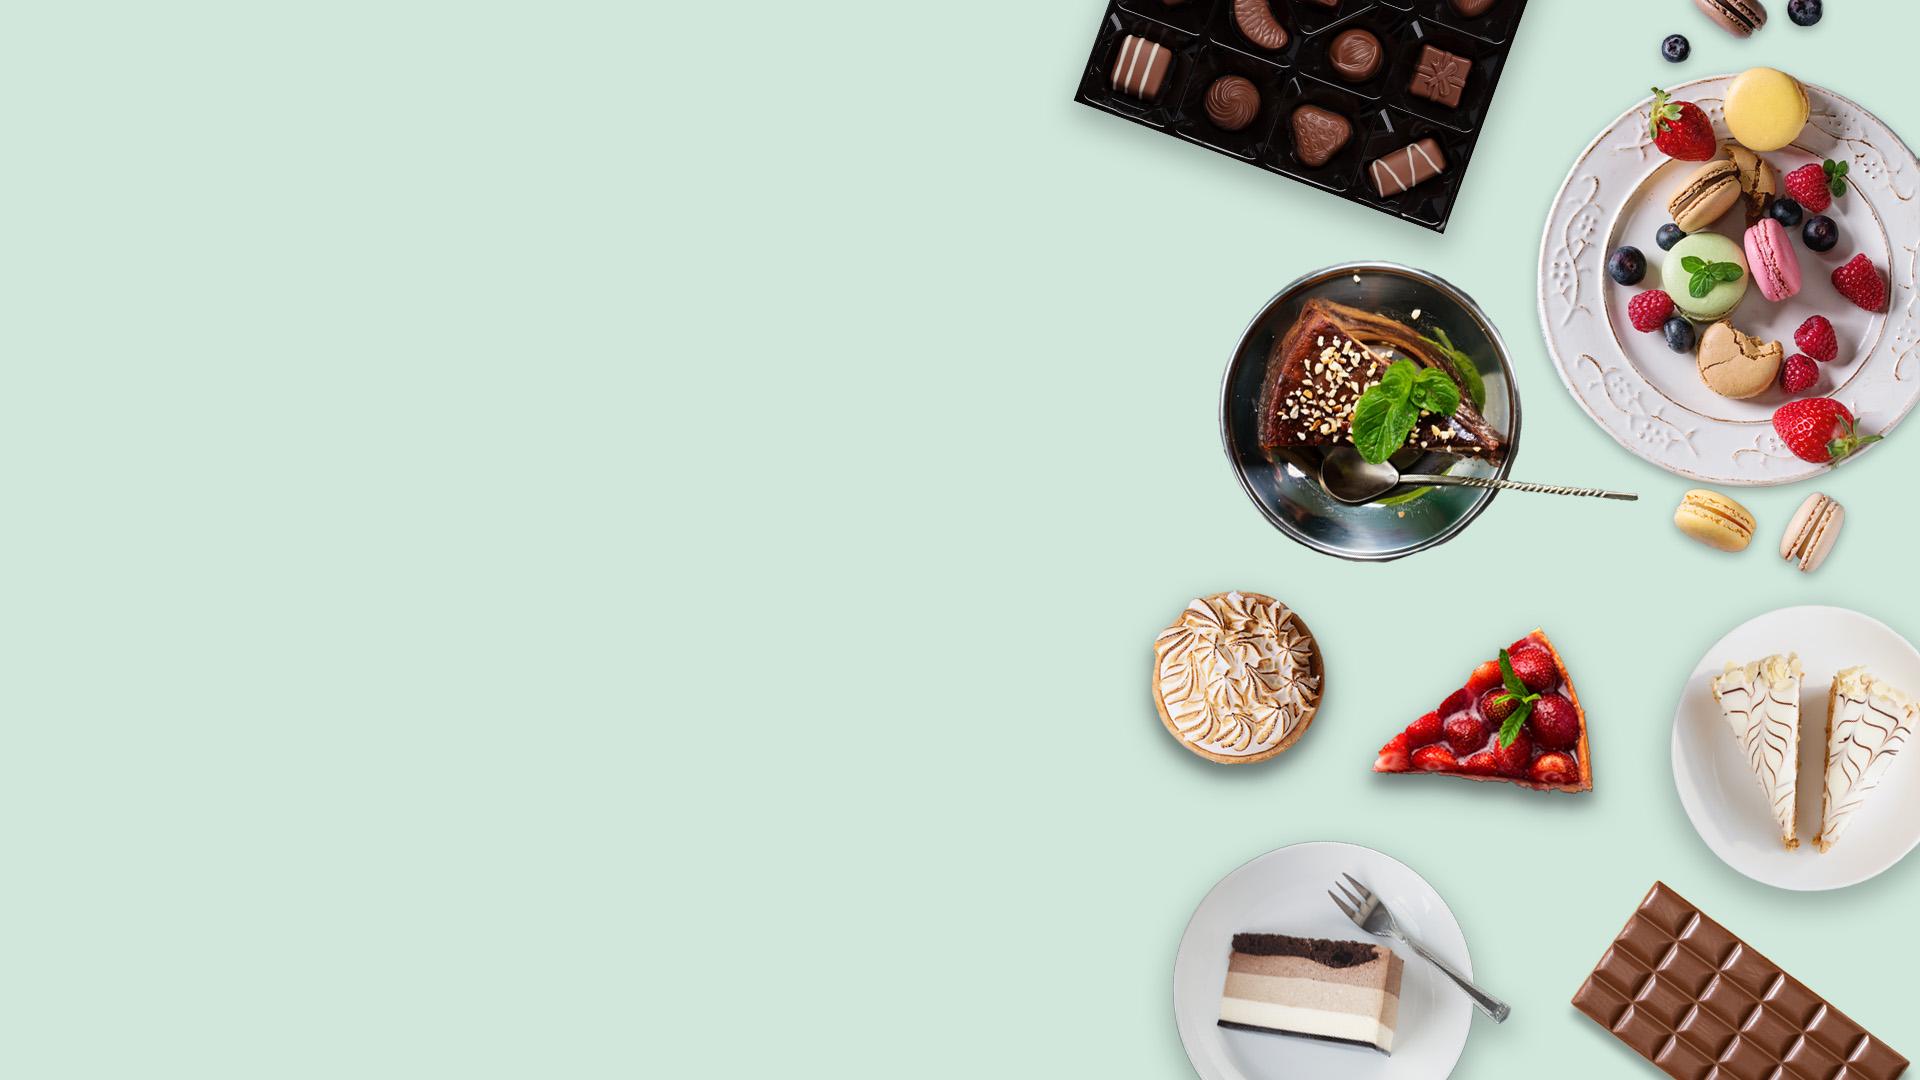 Sélection de votre gâteau Envie d'une pâtisserie ? TIKAO rapproche les gourmands des chocolatiers et des pâtissiers du monde entier. Desserts, chocolats, ateliers et plus encore avec services de livraison.');